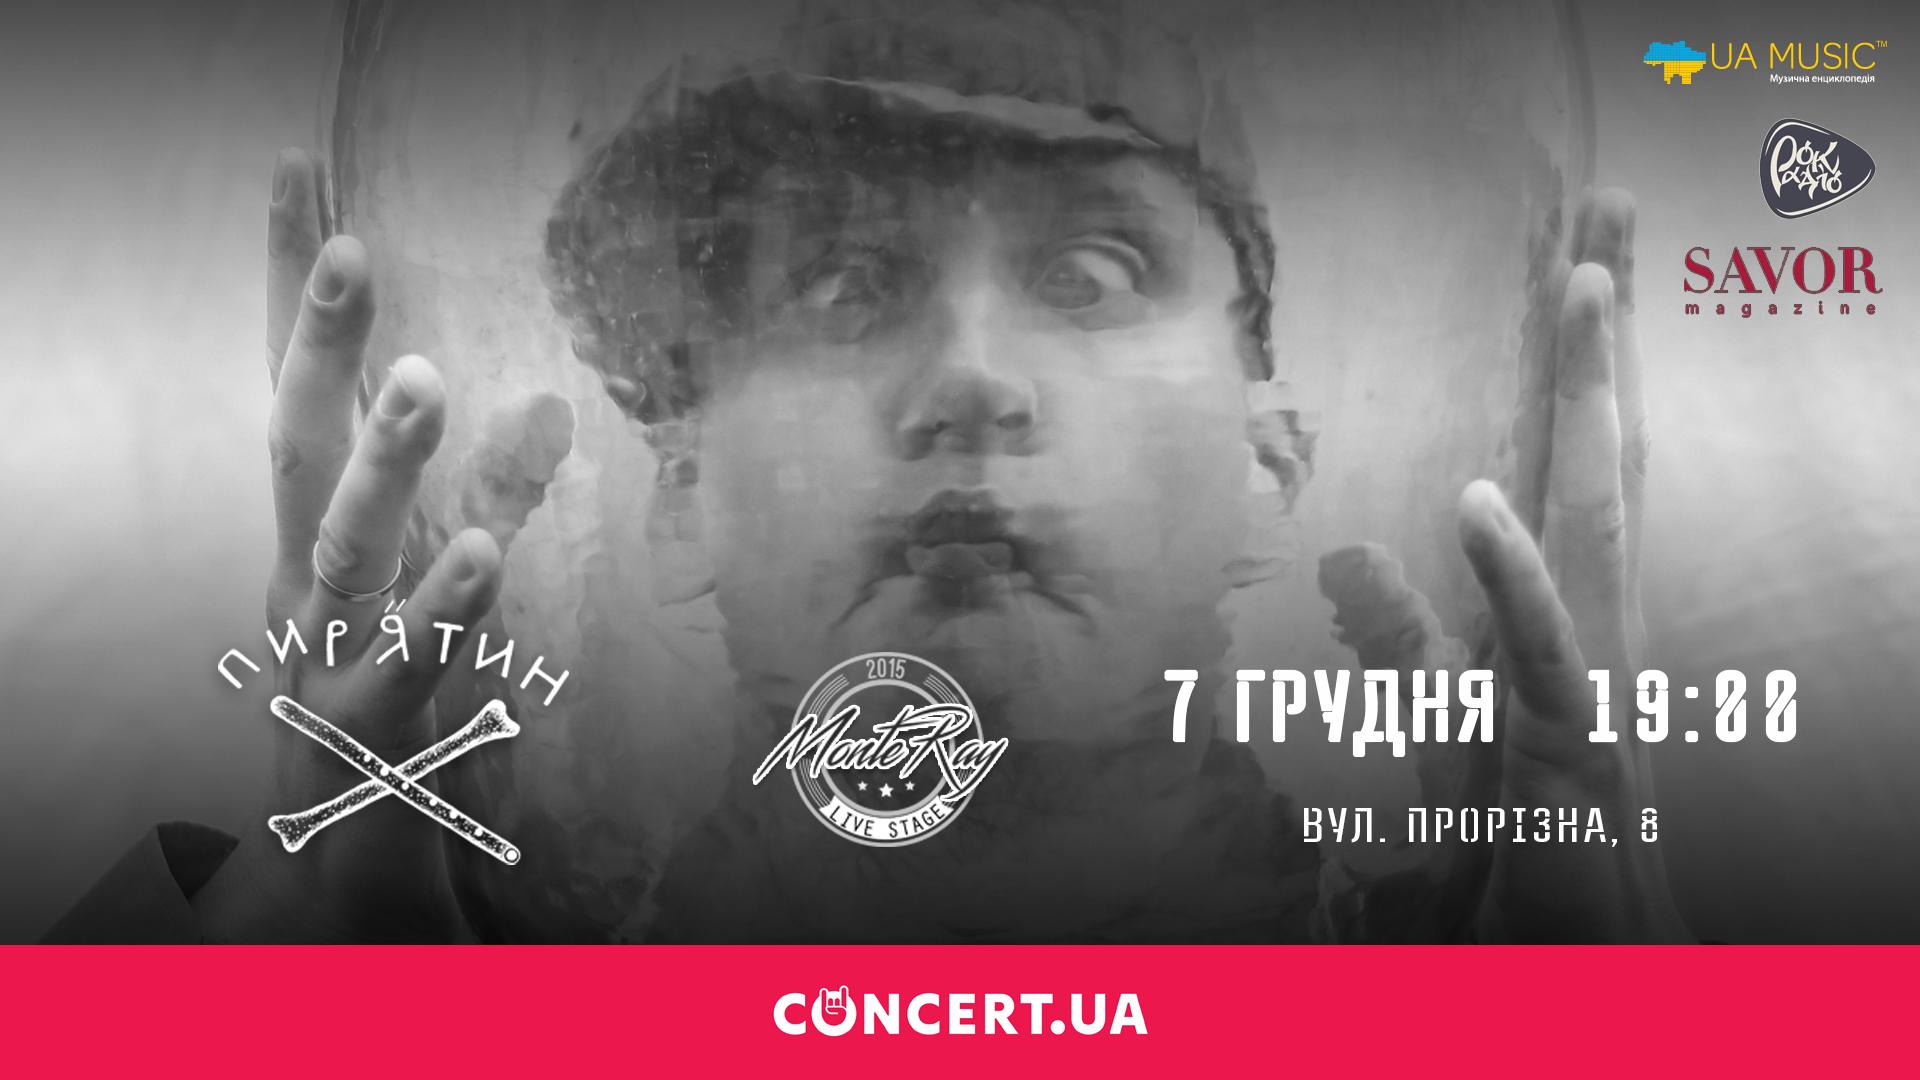 piryatin_afisha Новини/Статті | UA MUSIC Енциклопедія української музики